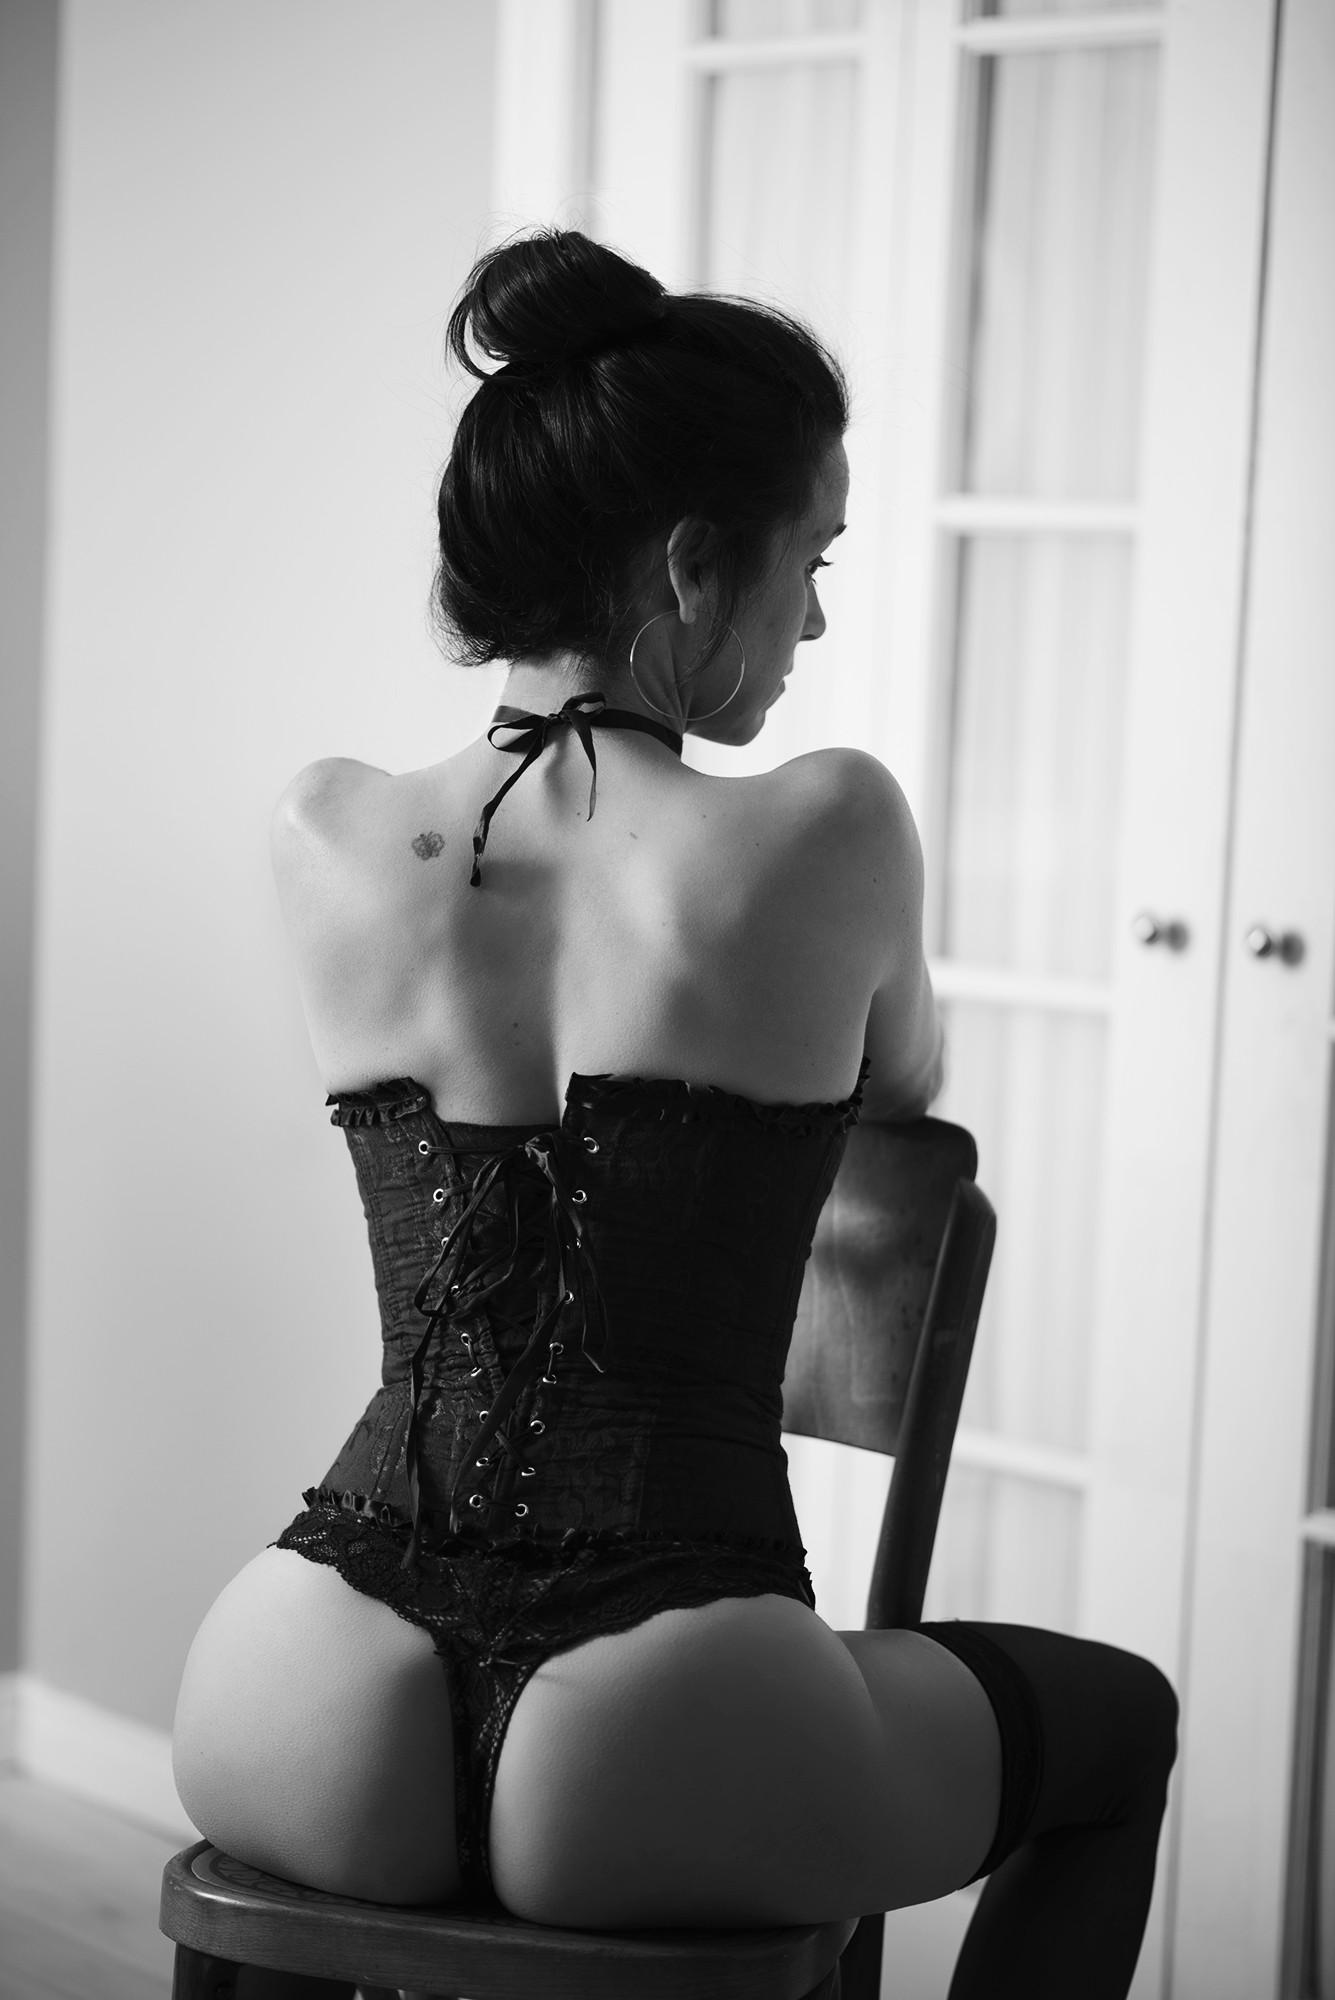 Photos Sensuelles Noir Et Blanc : photos, sensuelles, blanc, Séance, Photographie, Sensuelle, Blanc, Photo, D'une, Femme, Portant, Corset